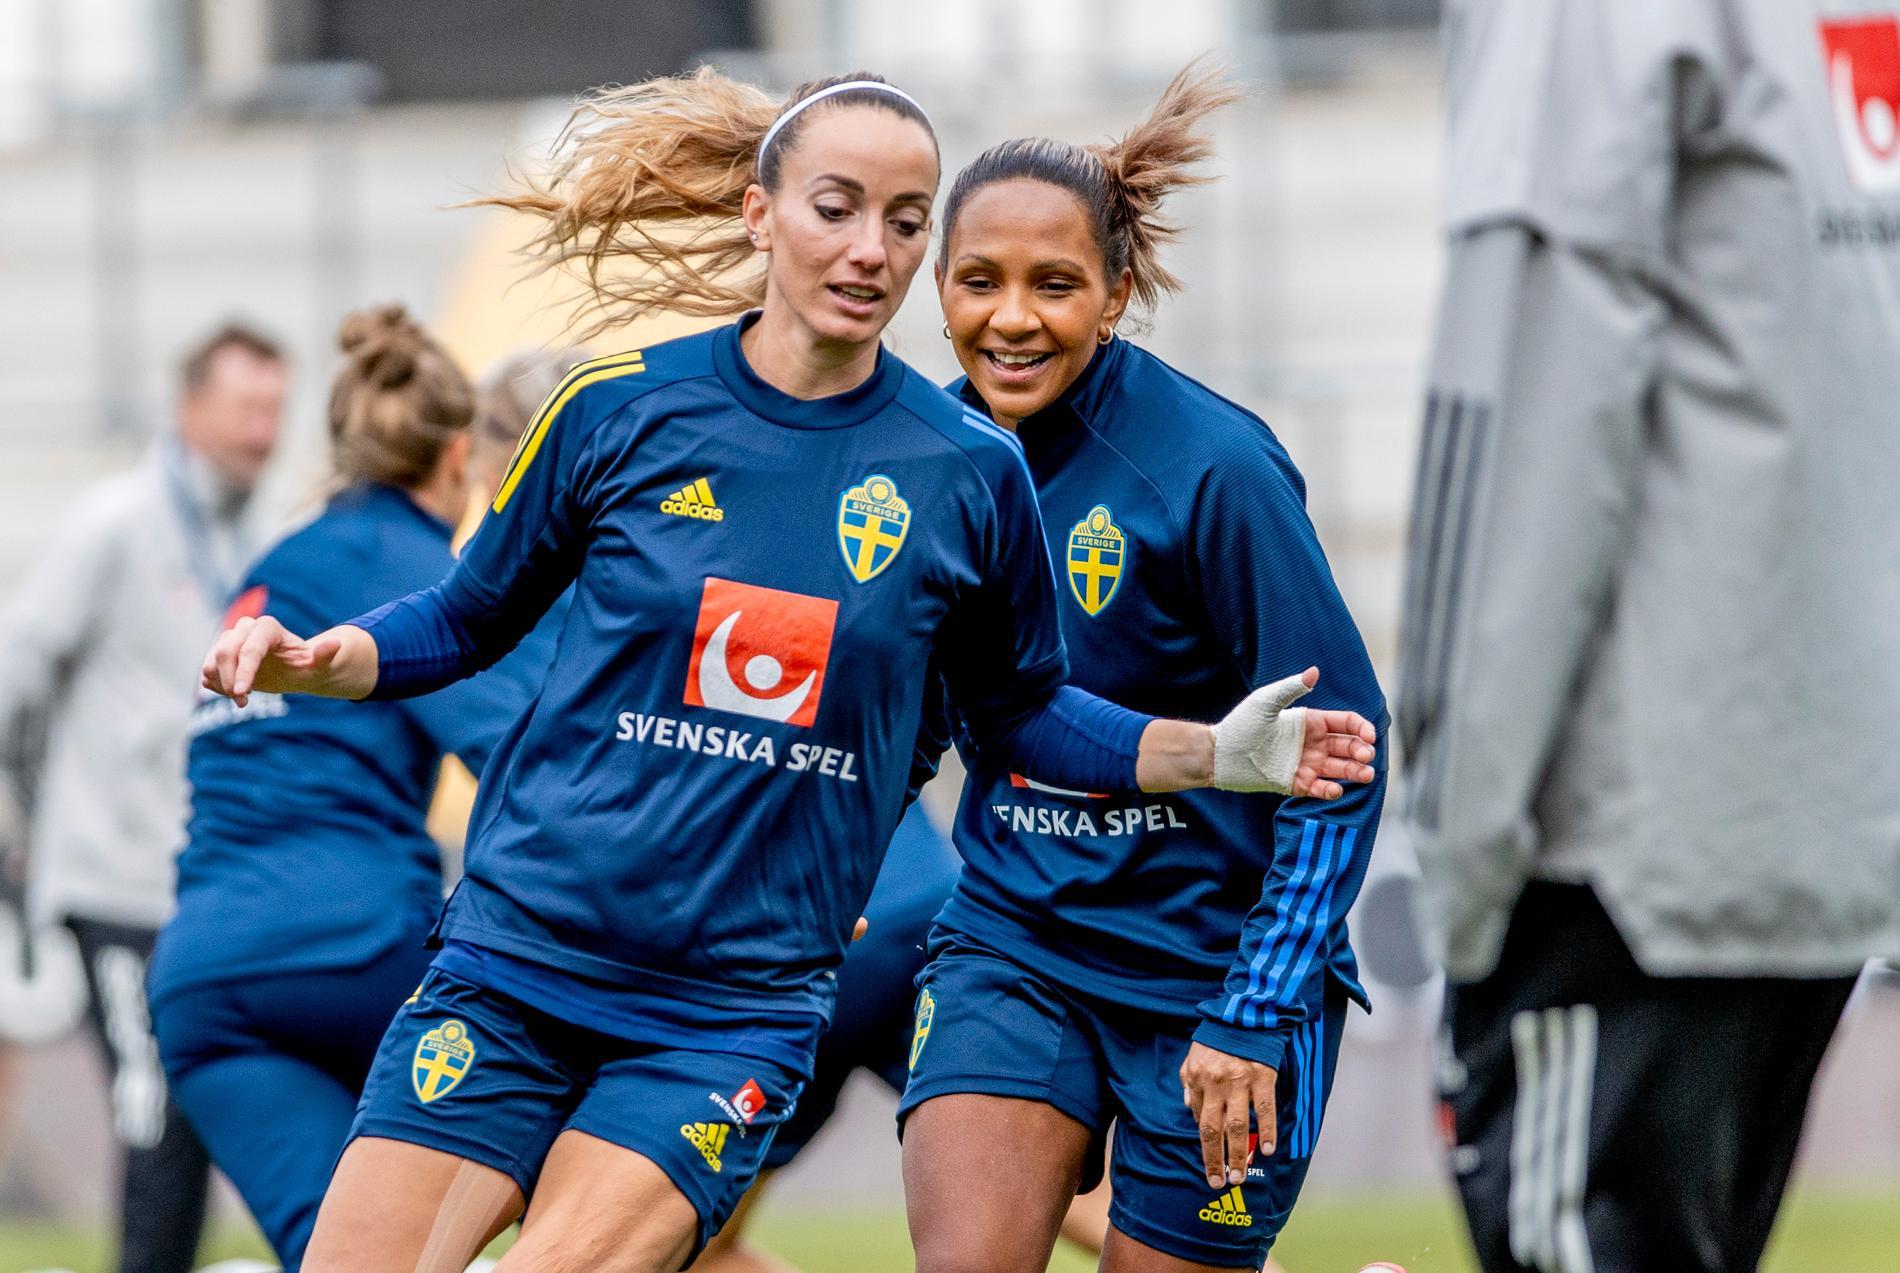 Kosovare Asllani, Madelen Janogy och resten av det svenska fotbollslandslaget kan glädja sig åt att äntligen få spela inför publik igen.